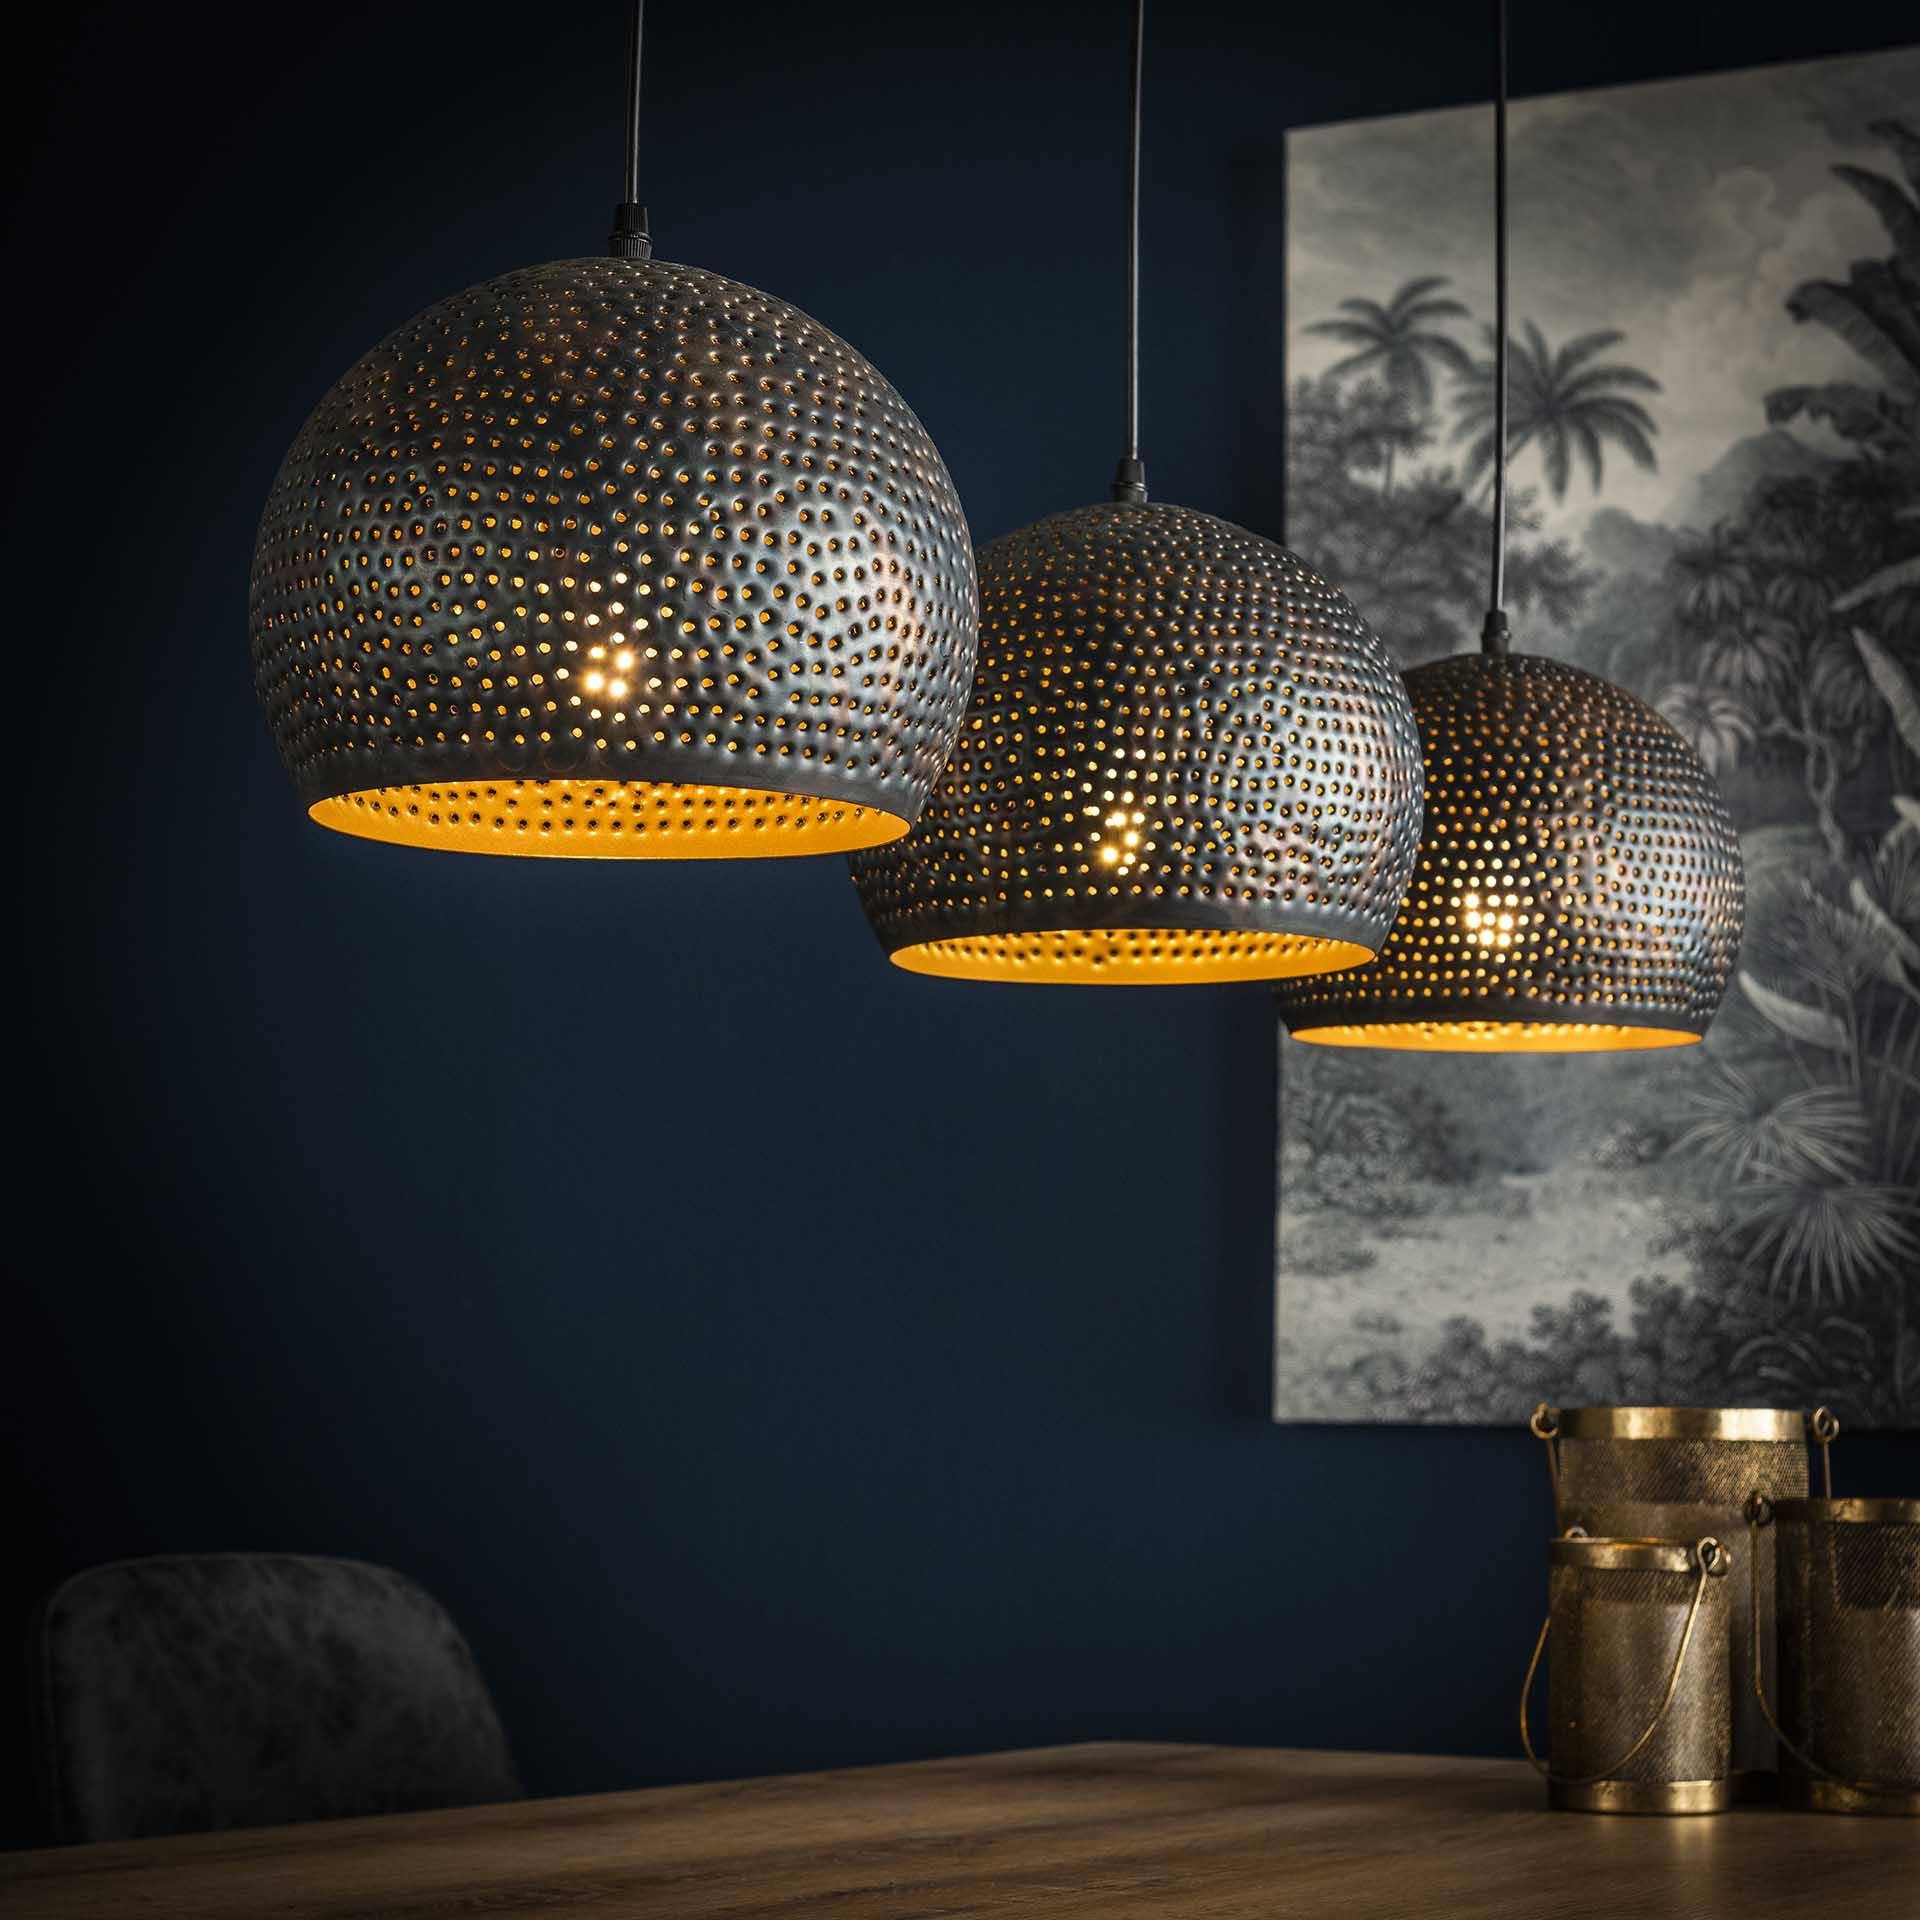 Hanglampen - Verlichting | Meubelpartner